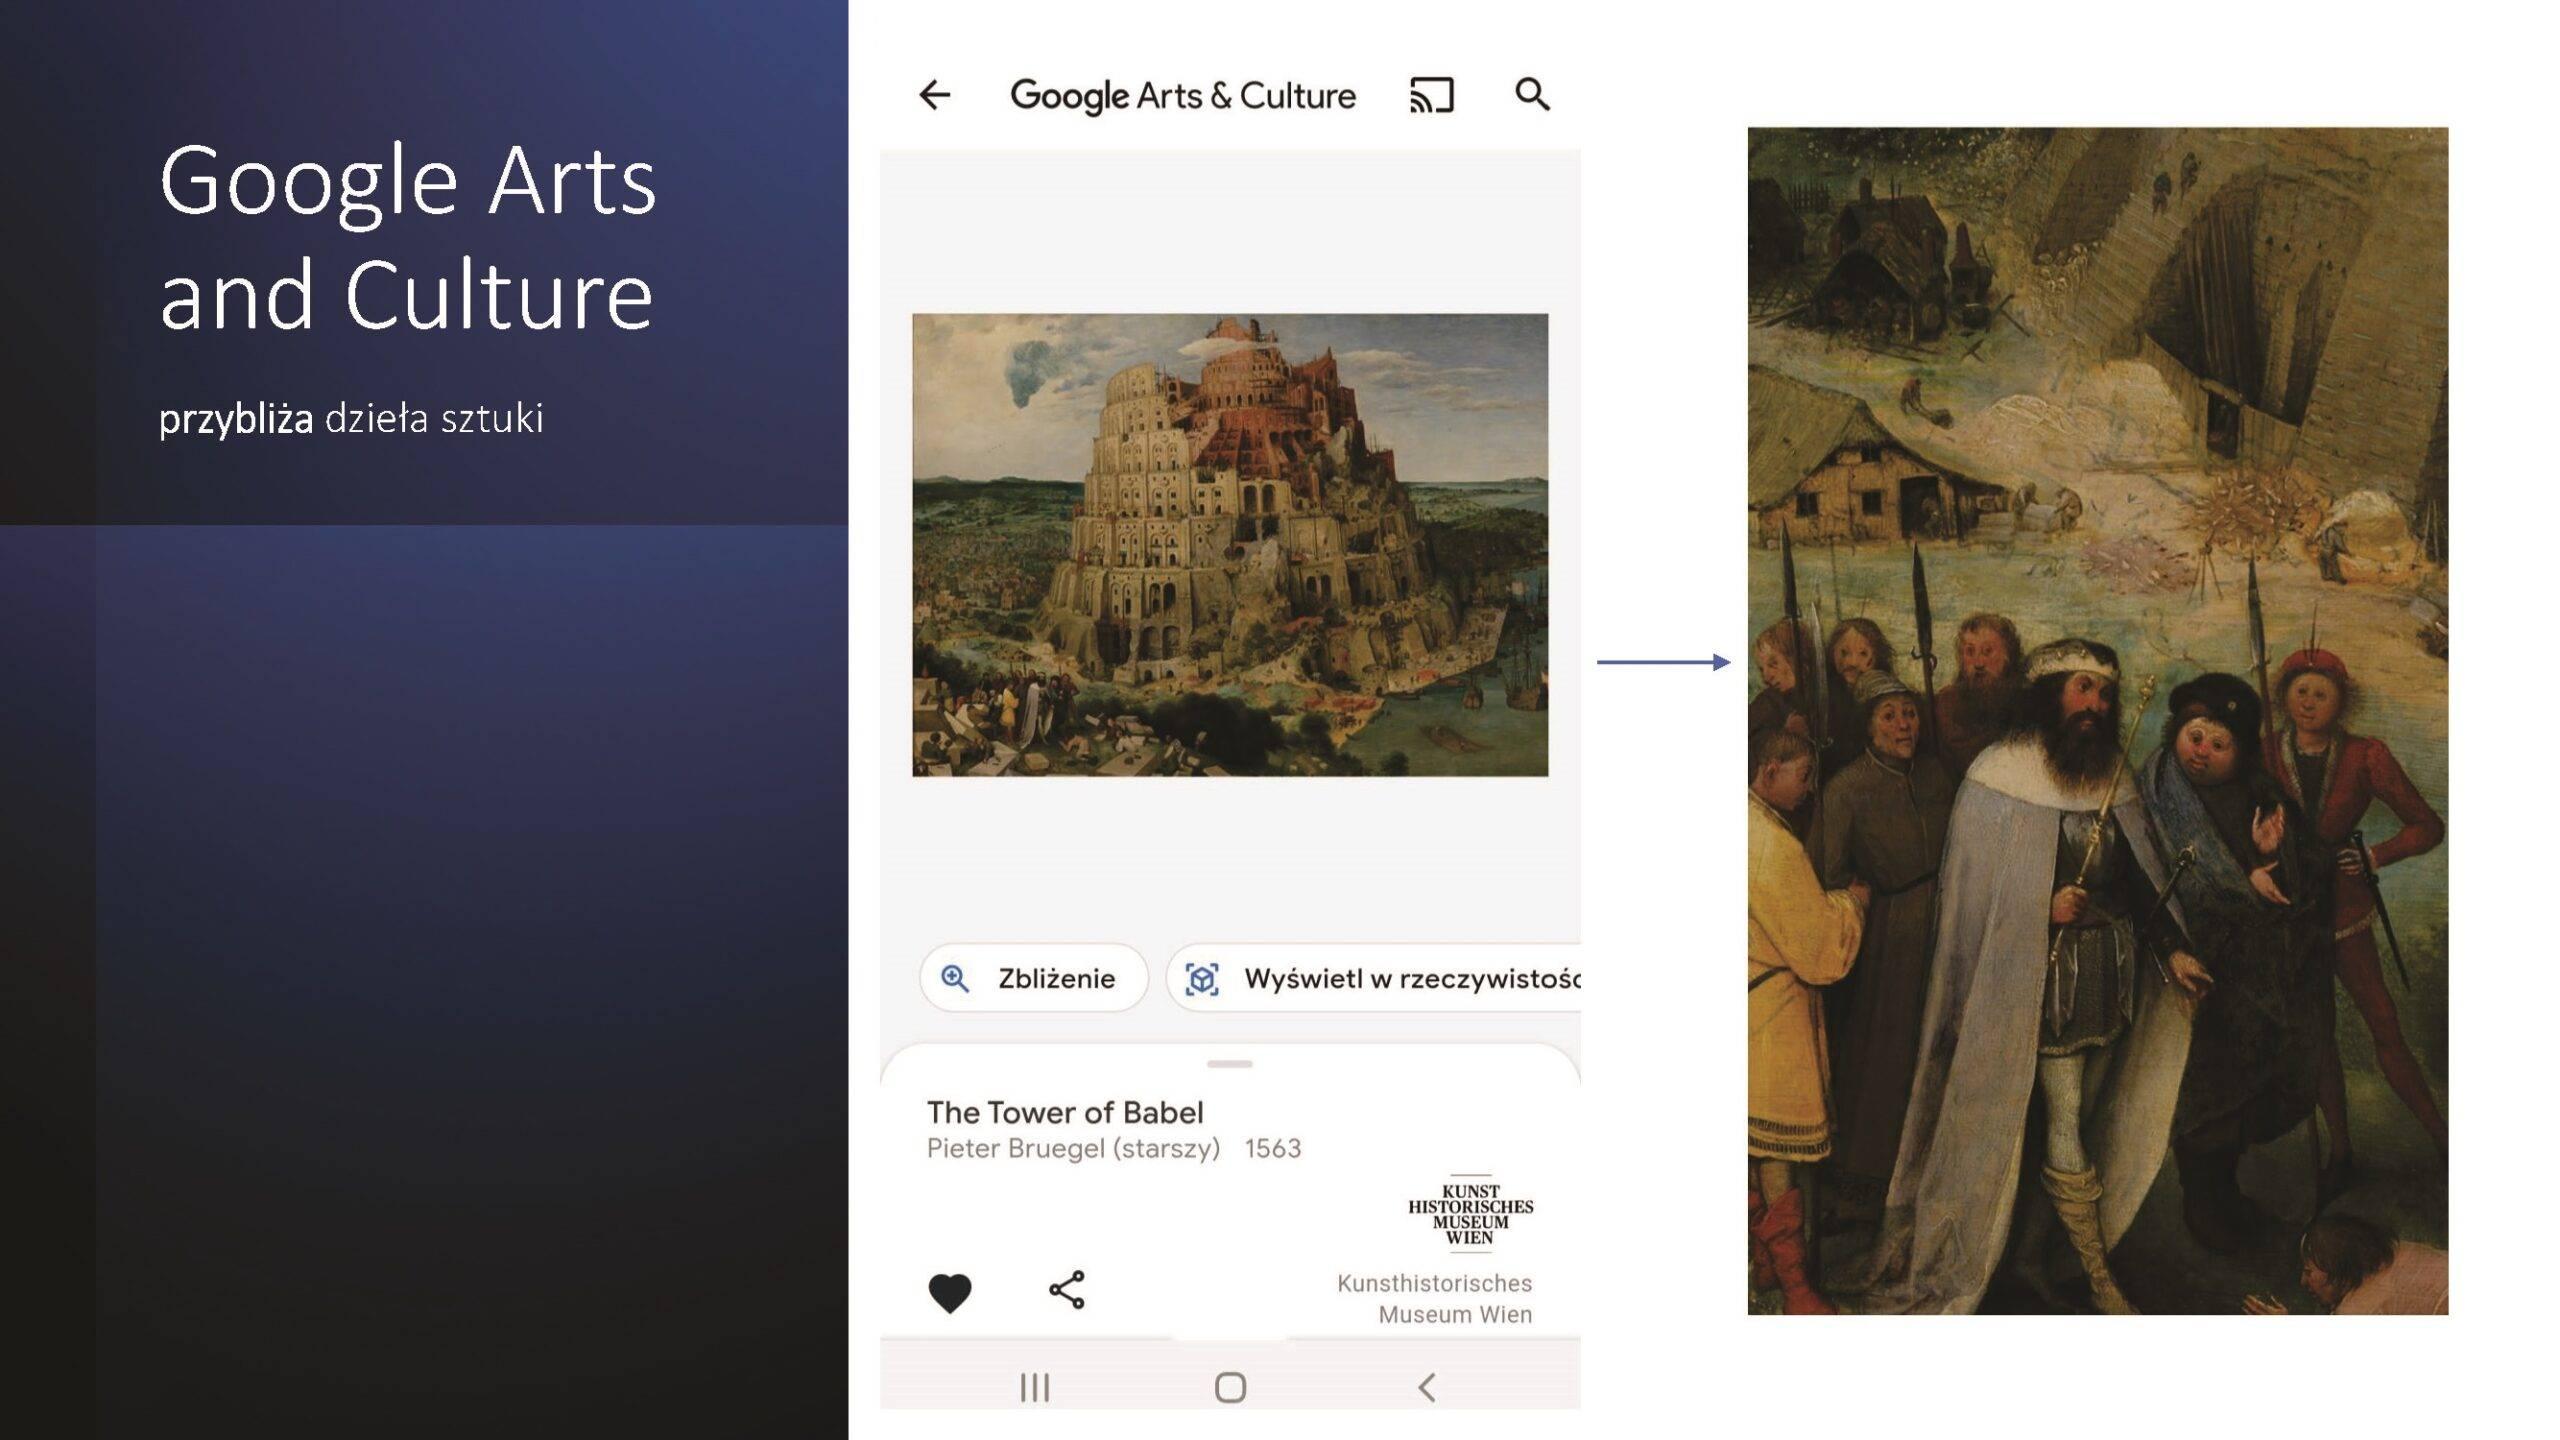 Wieża Babel - Pieter Bruegel